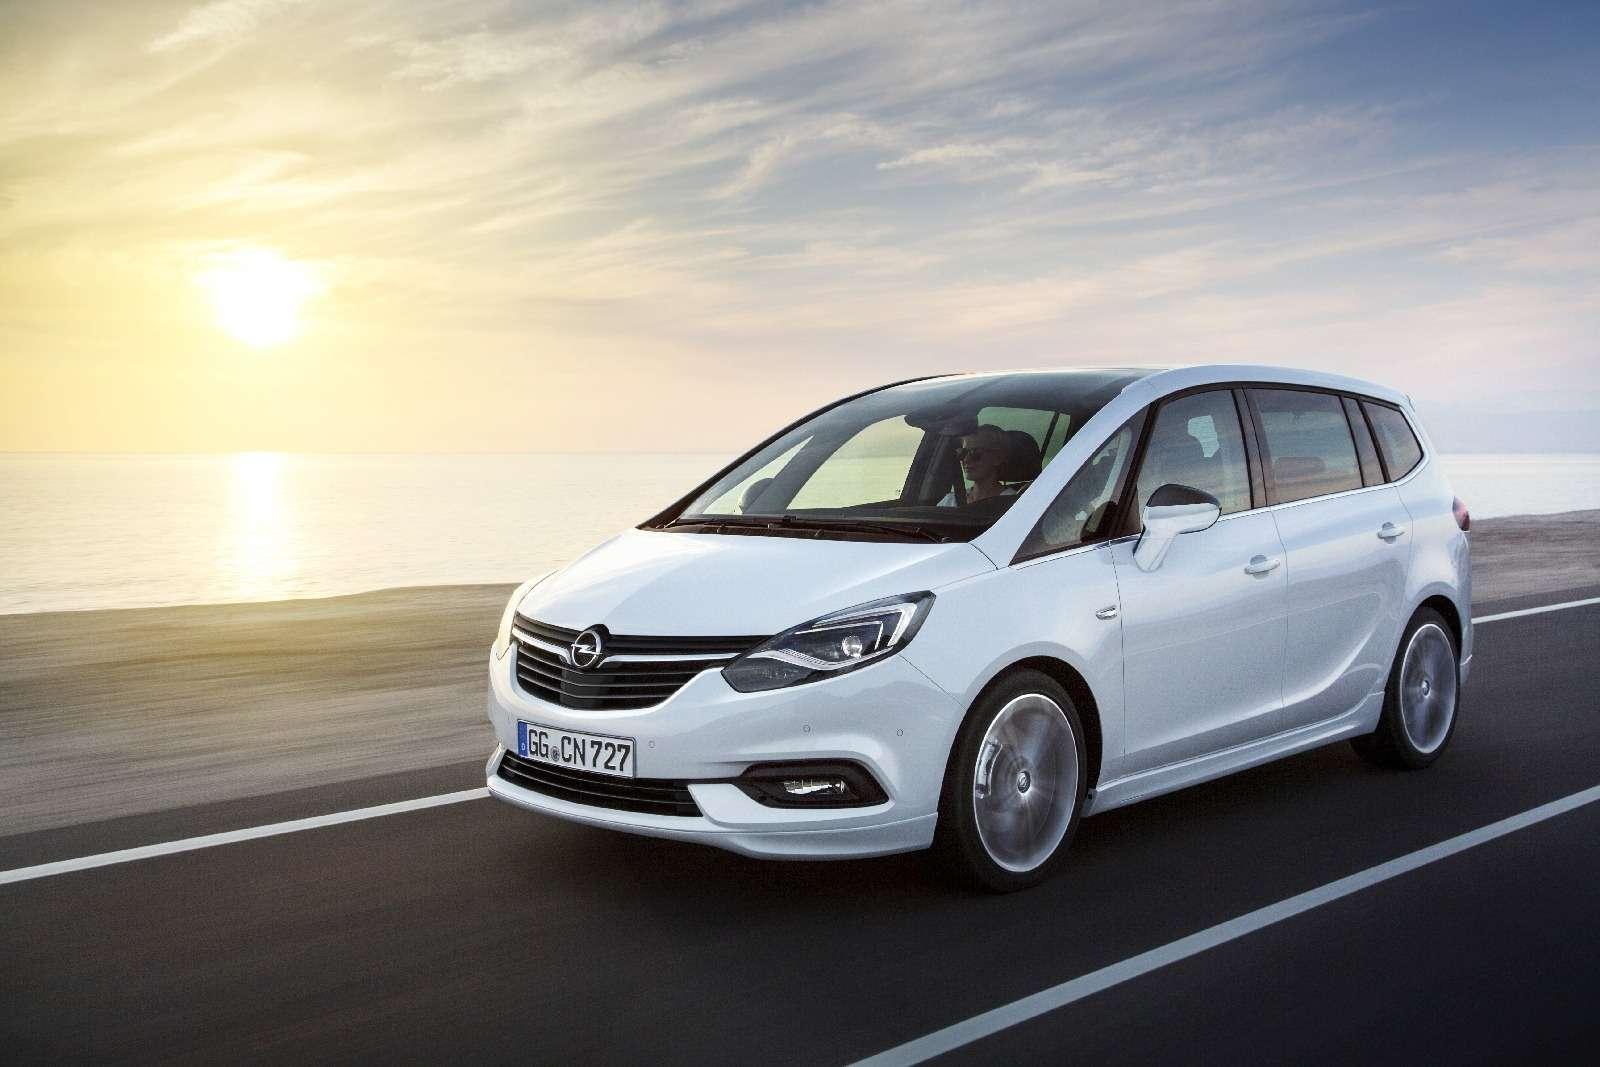 Обновленный компактвэн Opel Zafira представлен официально— фото 593693